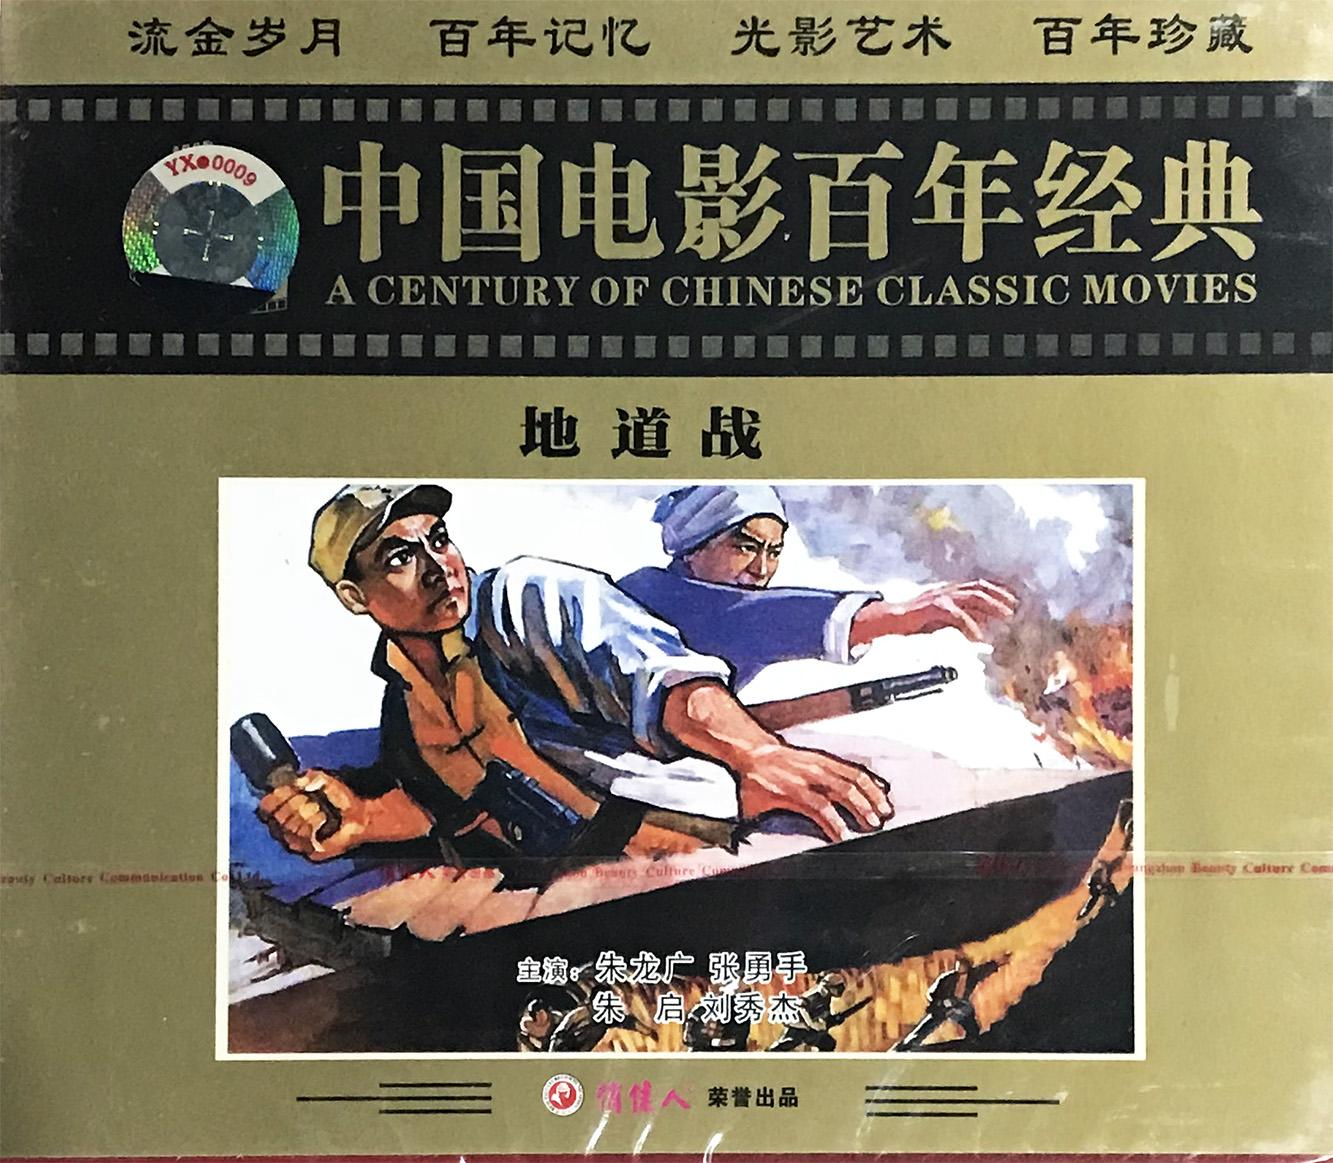 正版俏佳人老电影碟经典战斗故事片 地道战 2VCD爱国主义教育影片